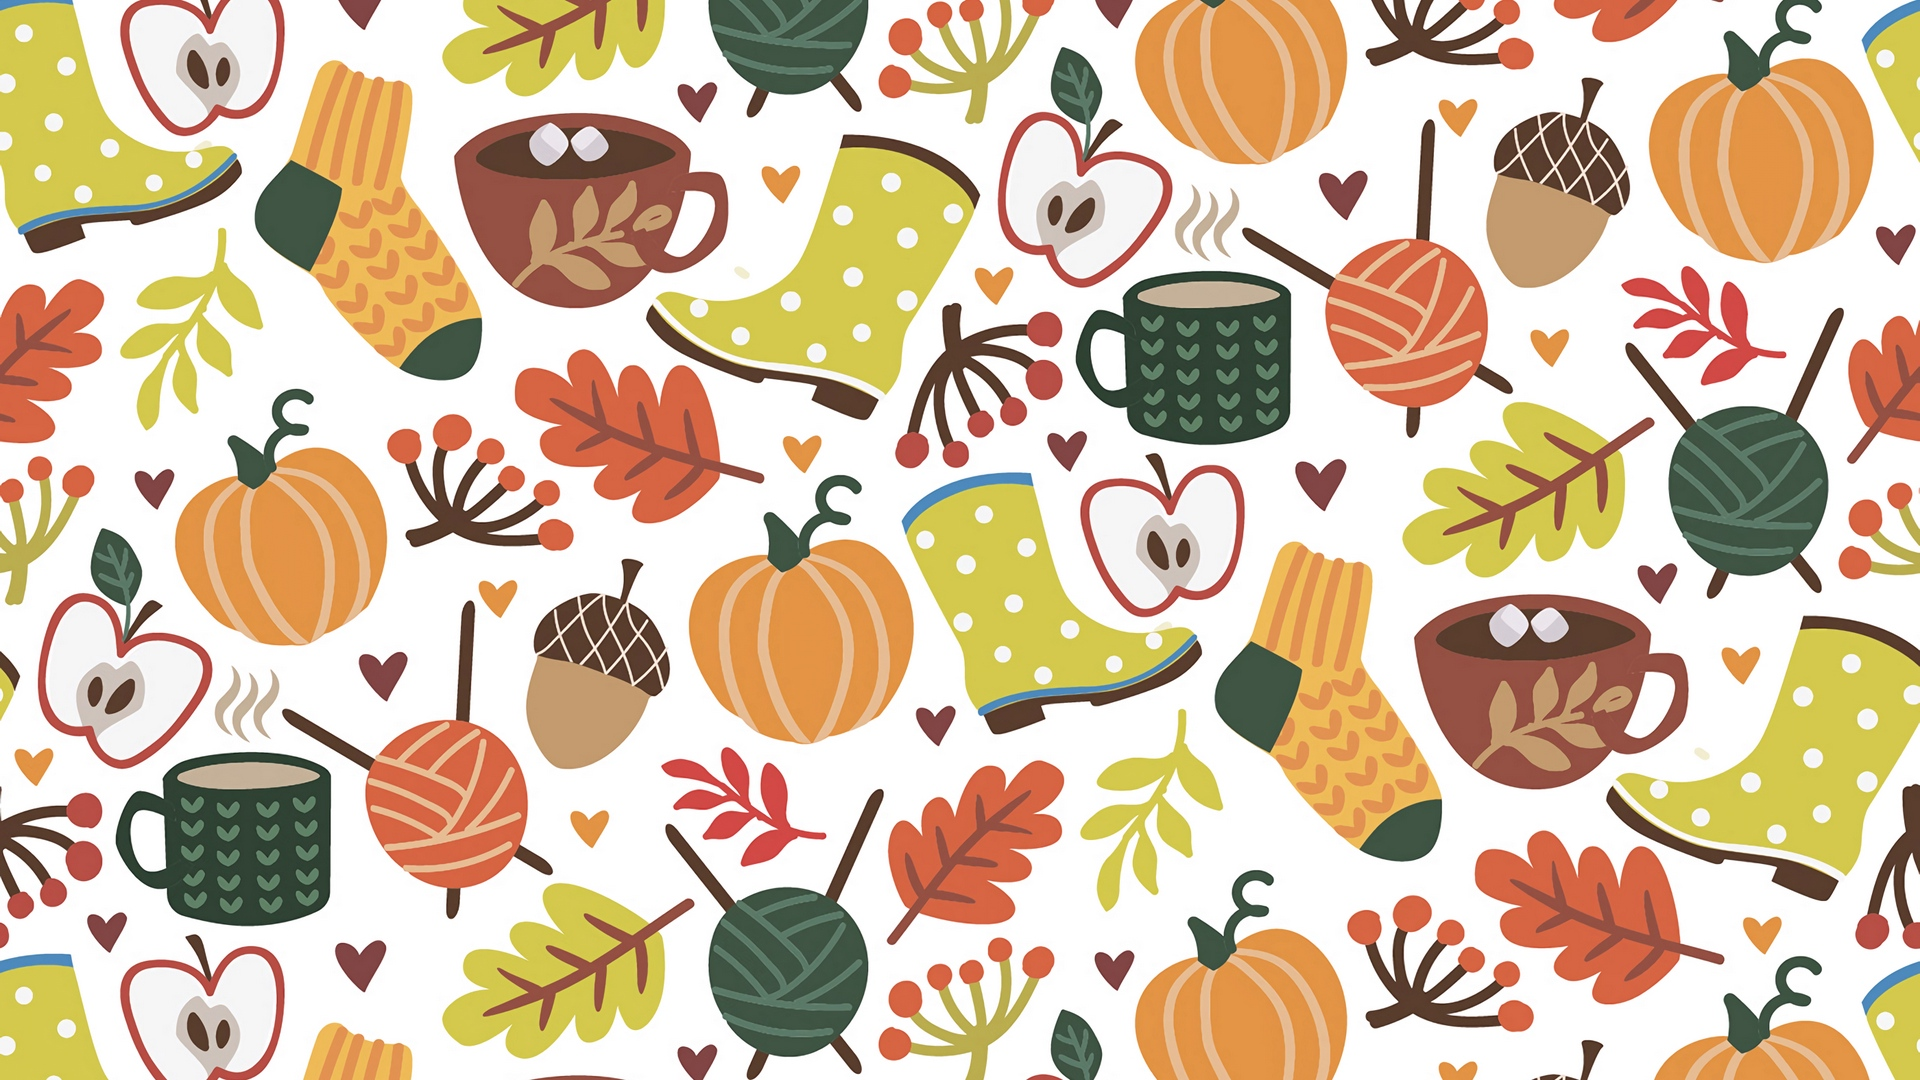 Download wallpaper 1920x1080 autumn, pattern, comfort, socks.